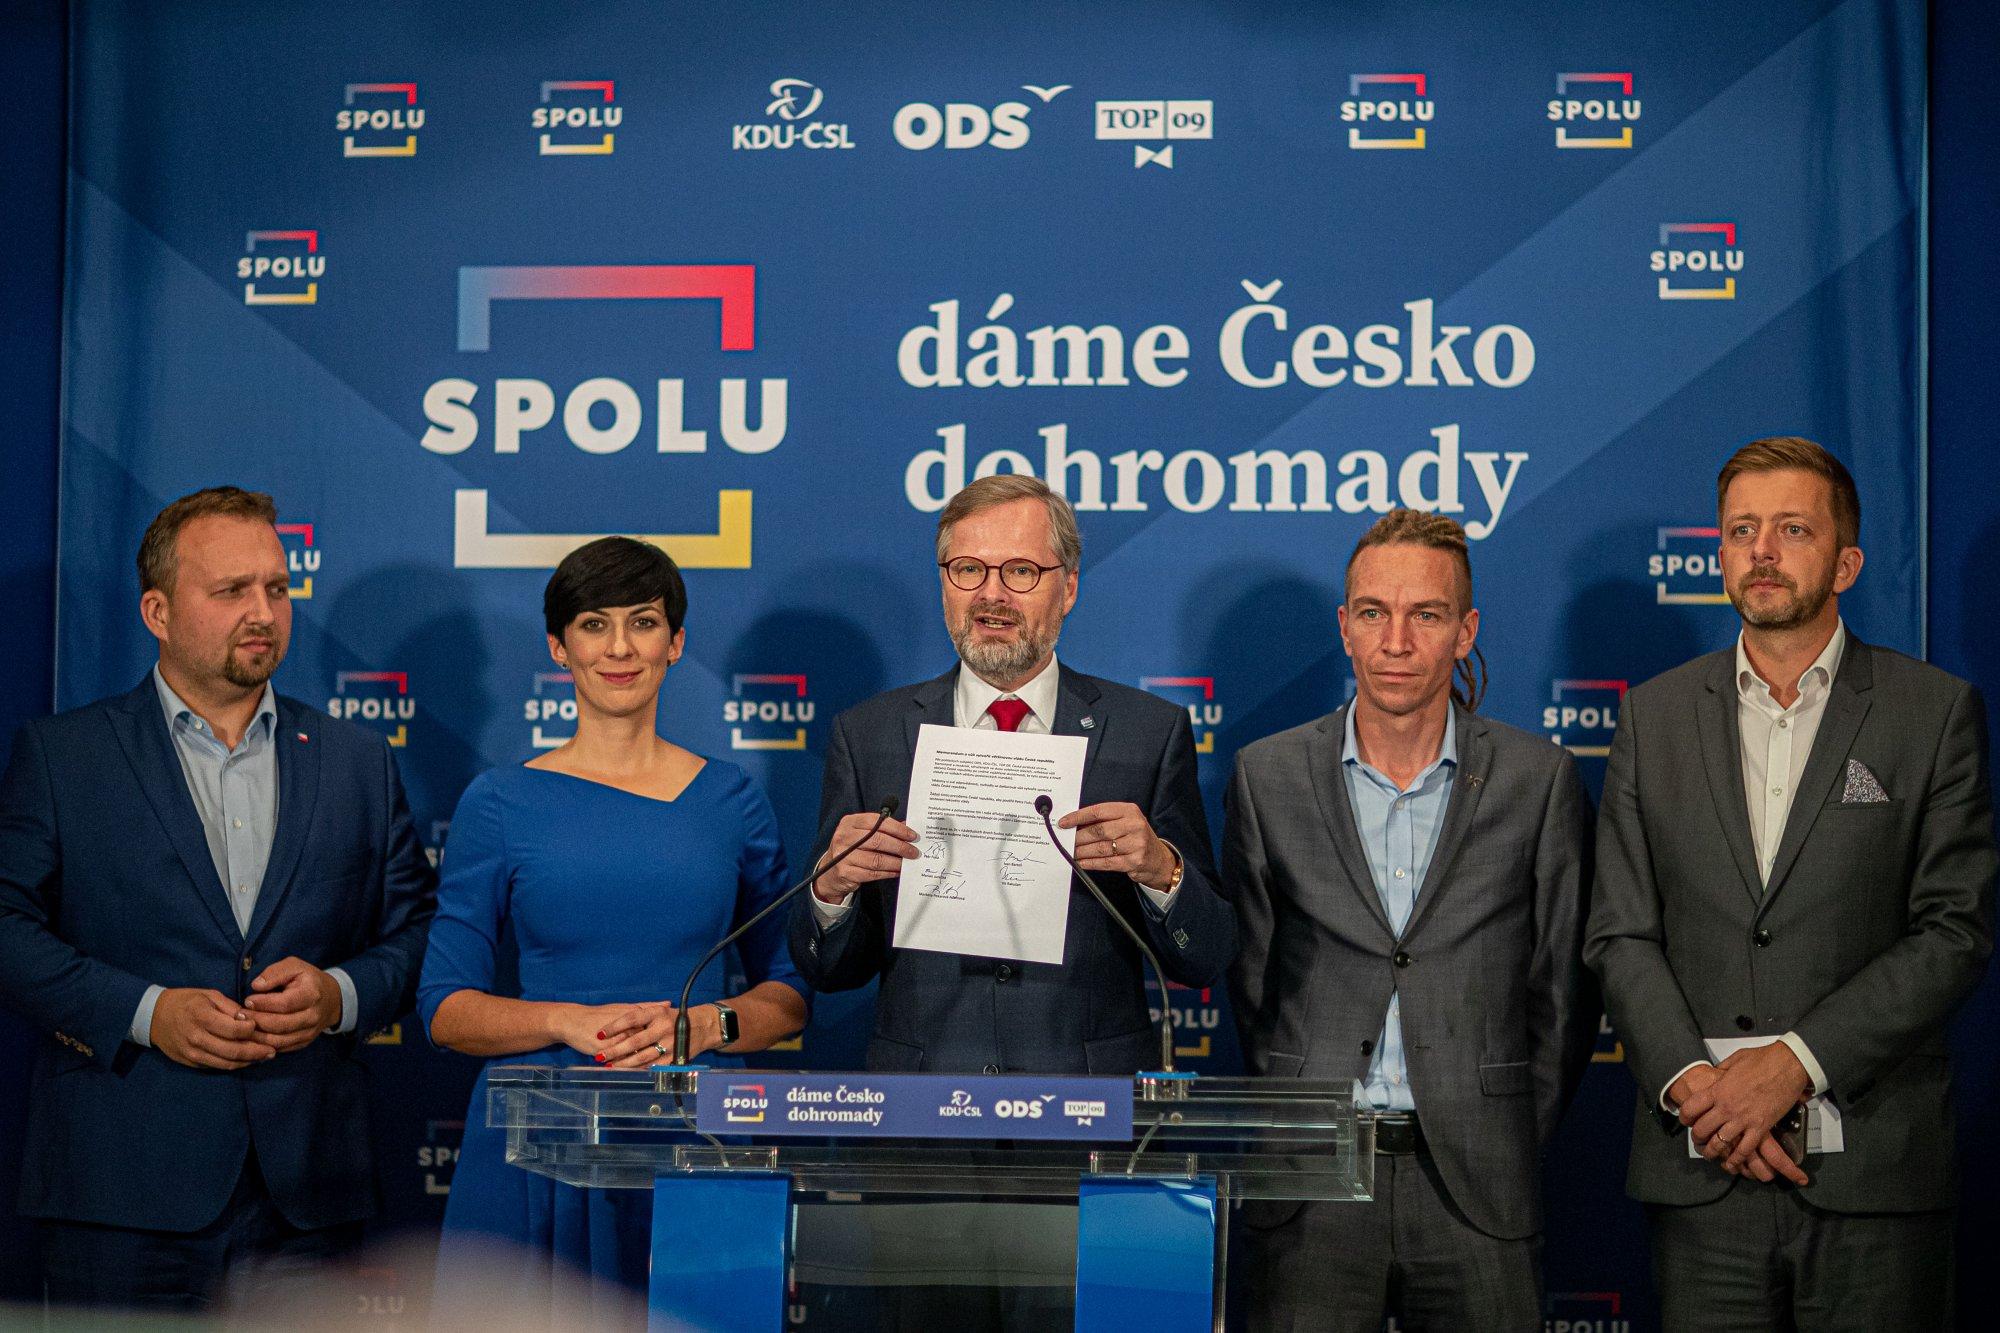 Koalice SPOLU: Podepsali jsme memorandum s koalicí Pirátů a Starostů o vytvoření většinové vlády ČR